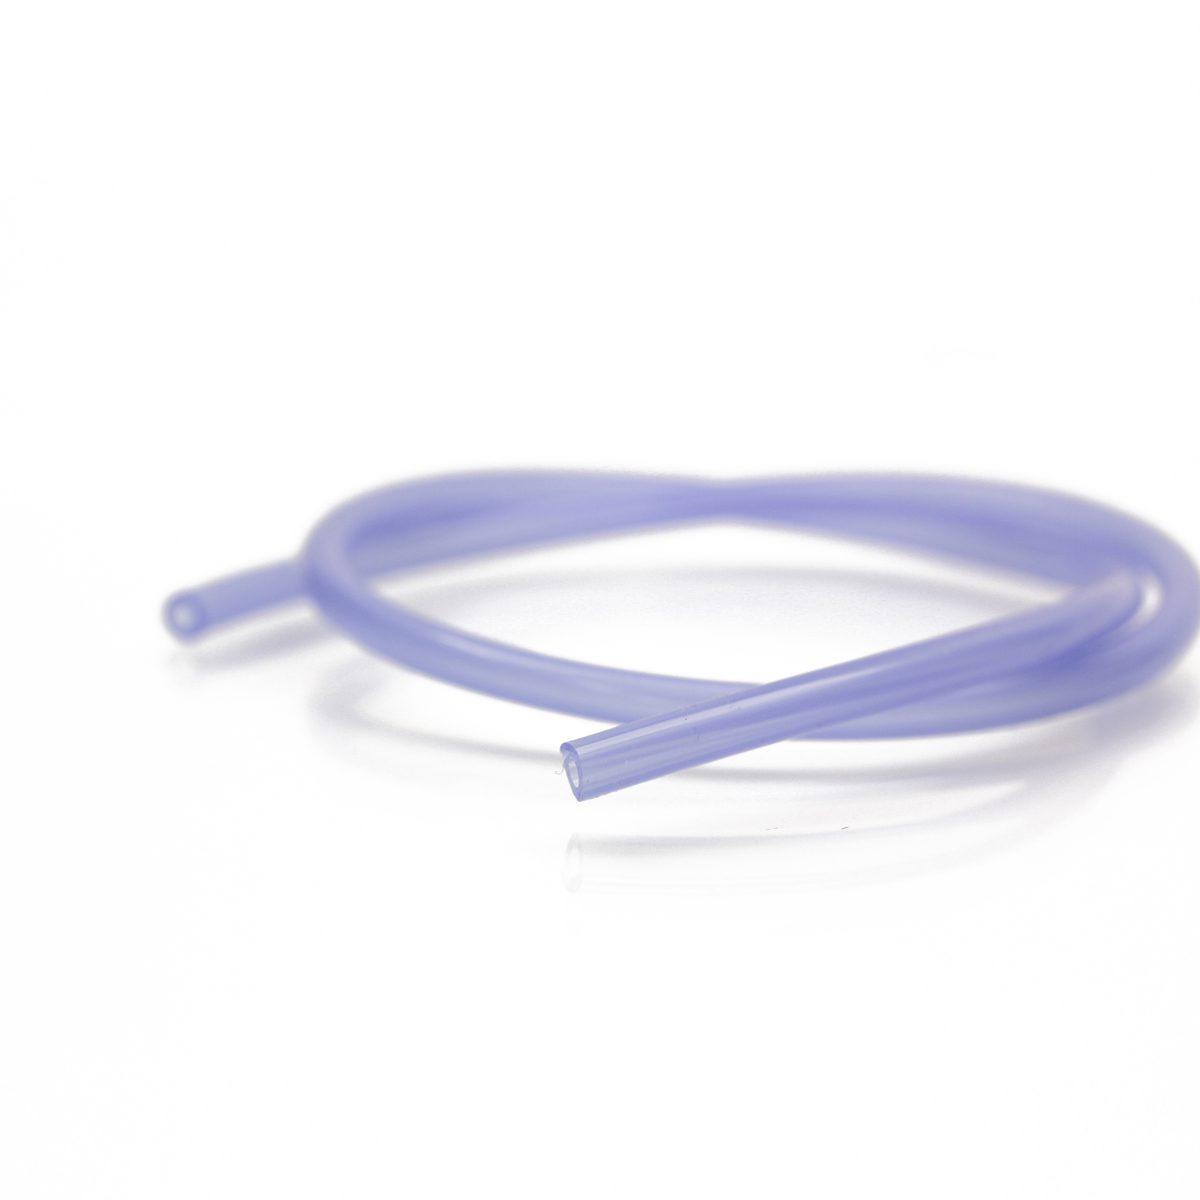 jls soft hose for plug kits 1